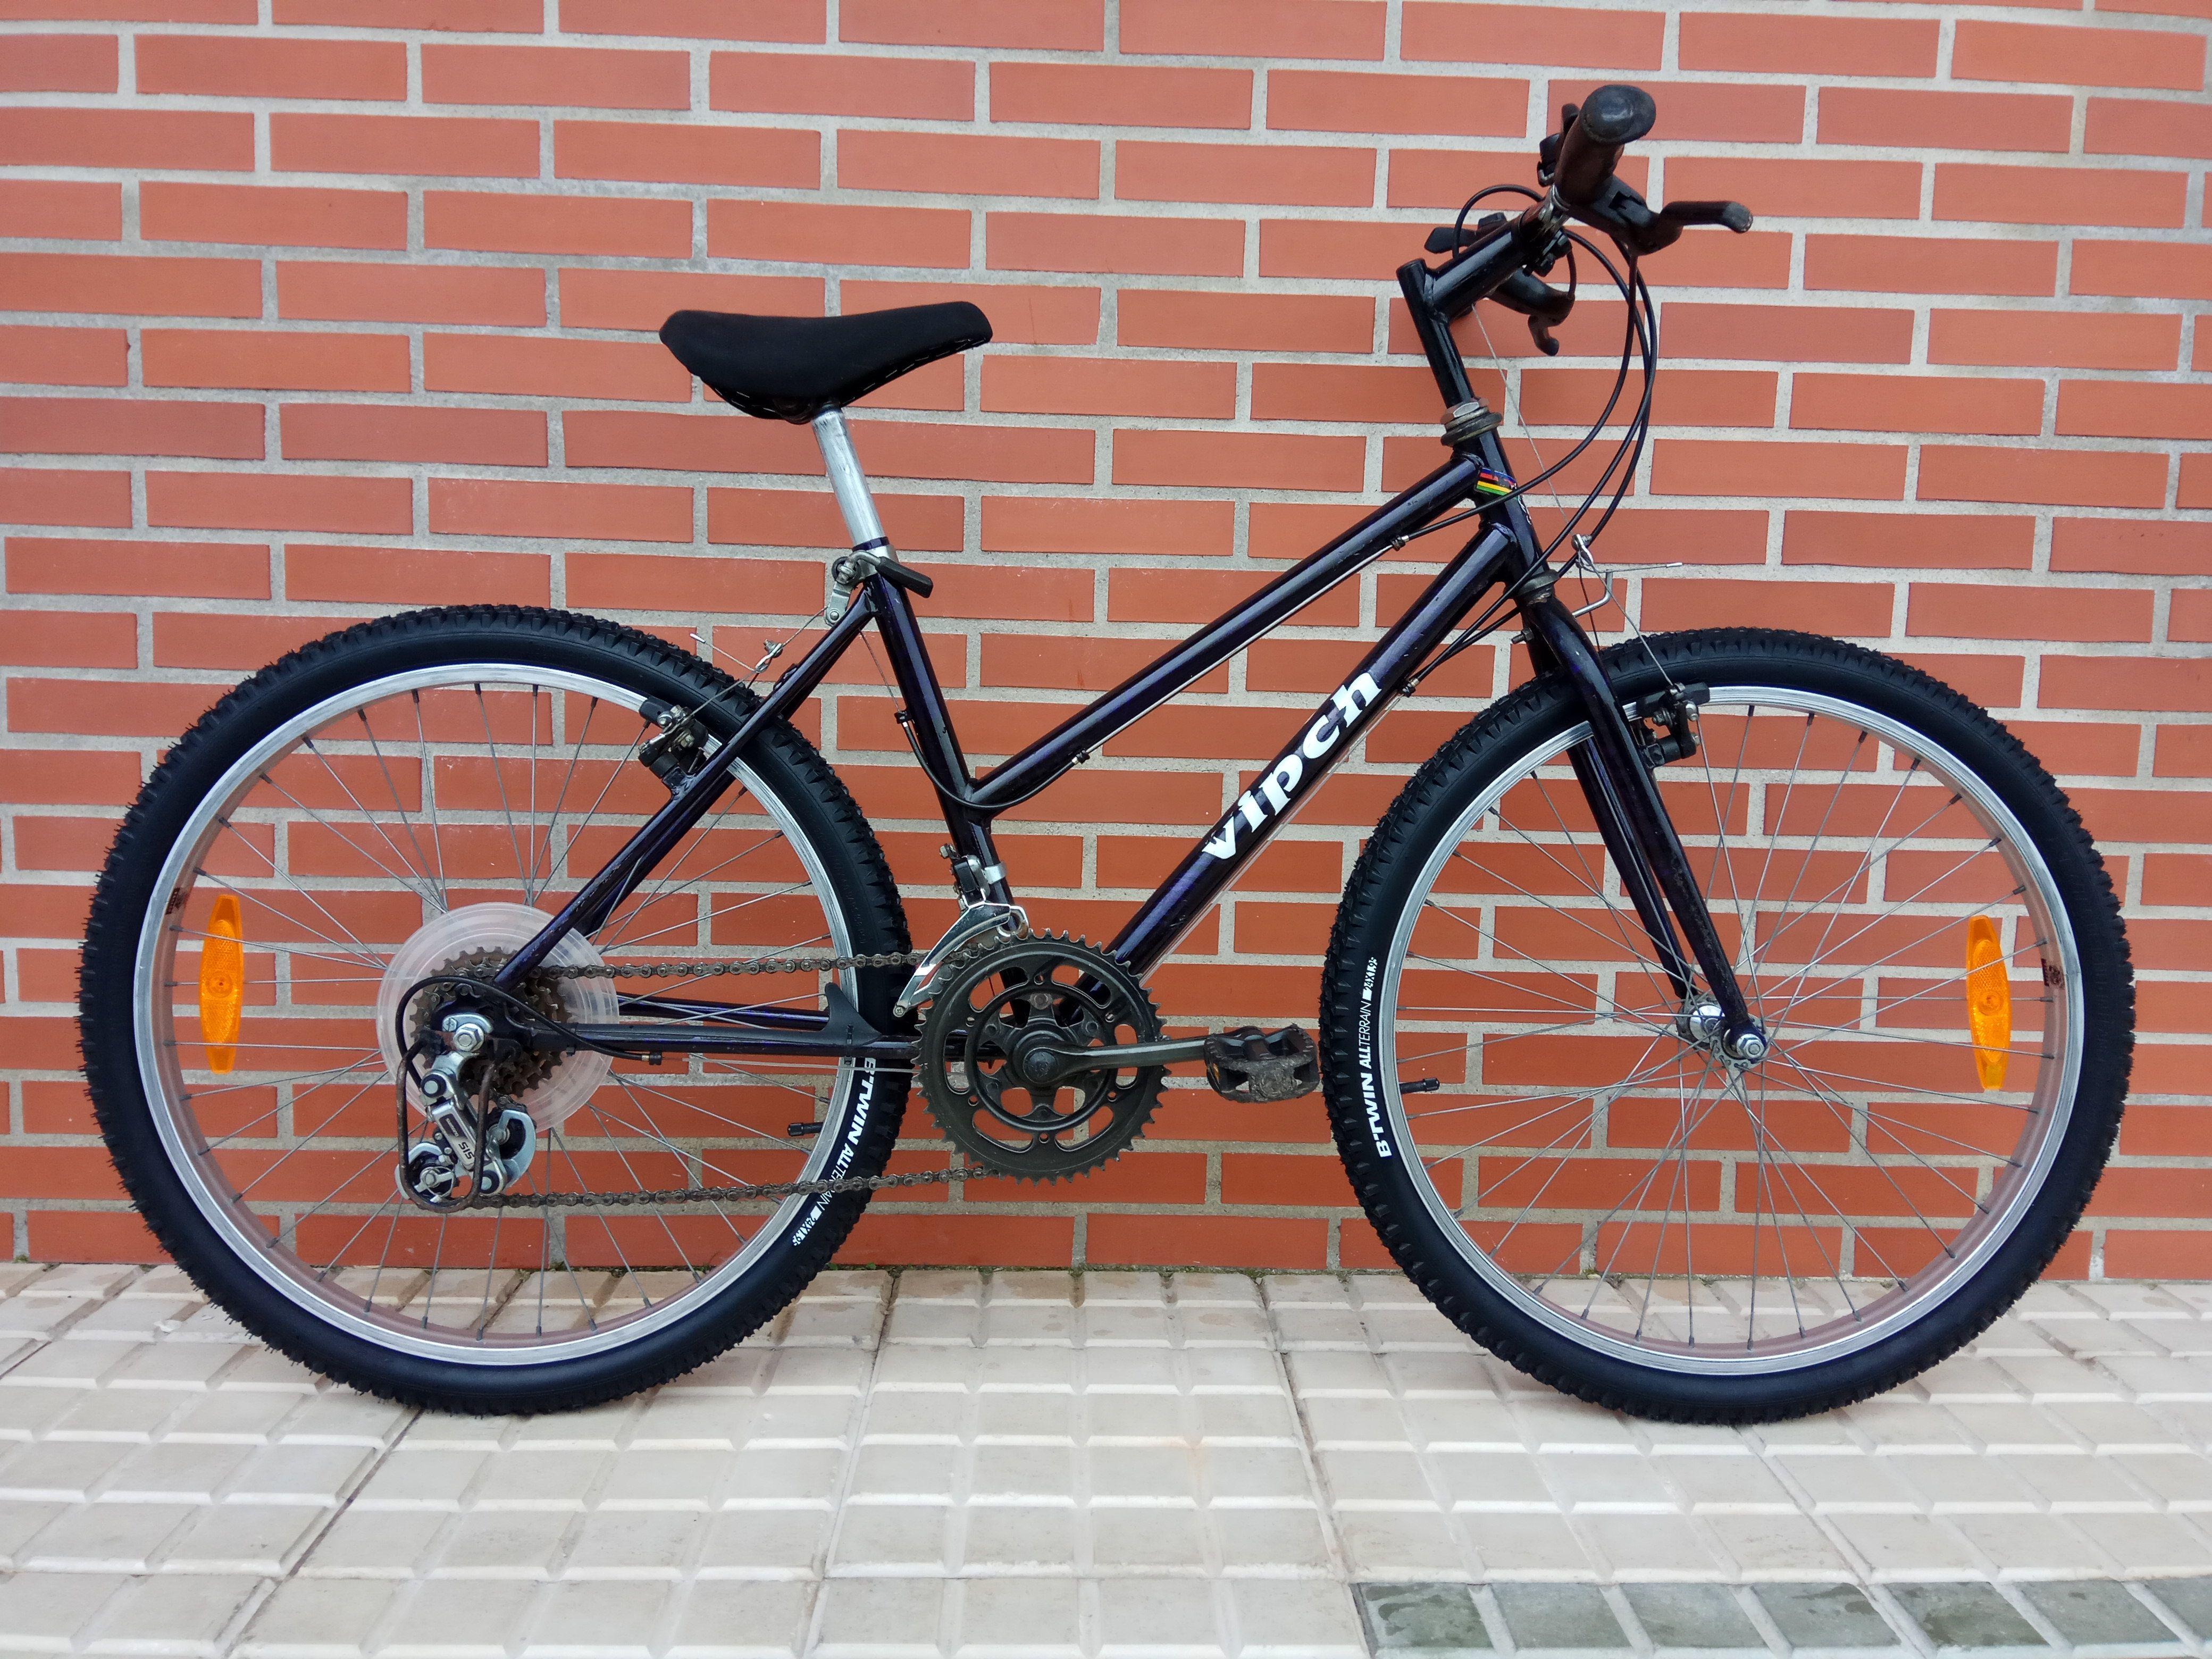 Bicicleta Vipch 80€ MARCA: Vipch MODELO: No consta CLASE: Montaña ...